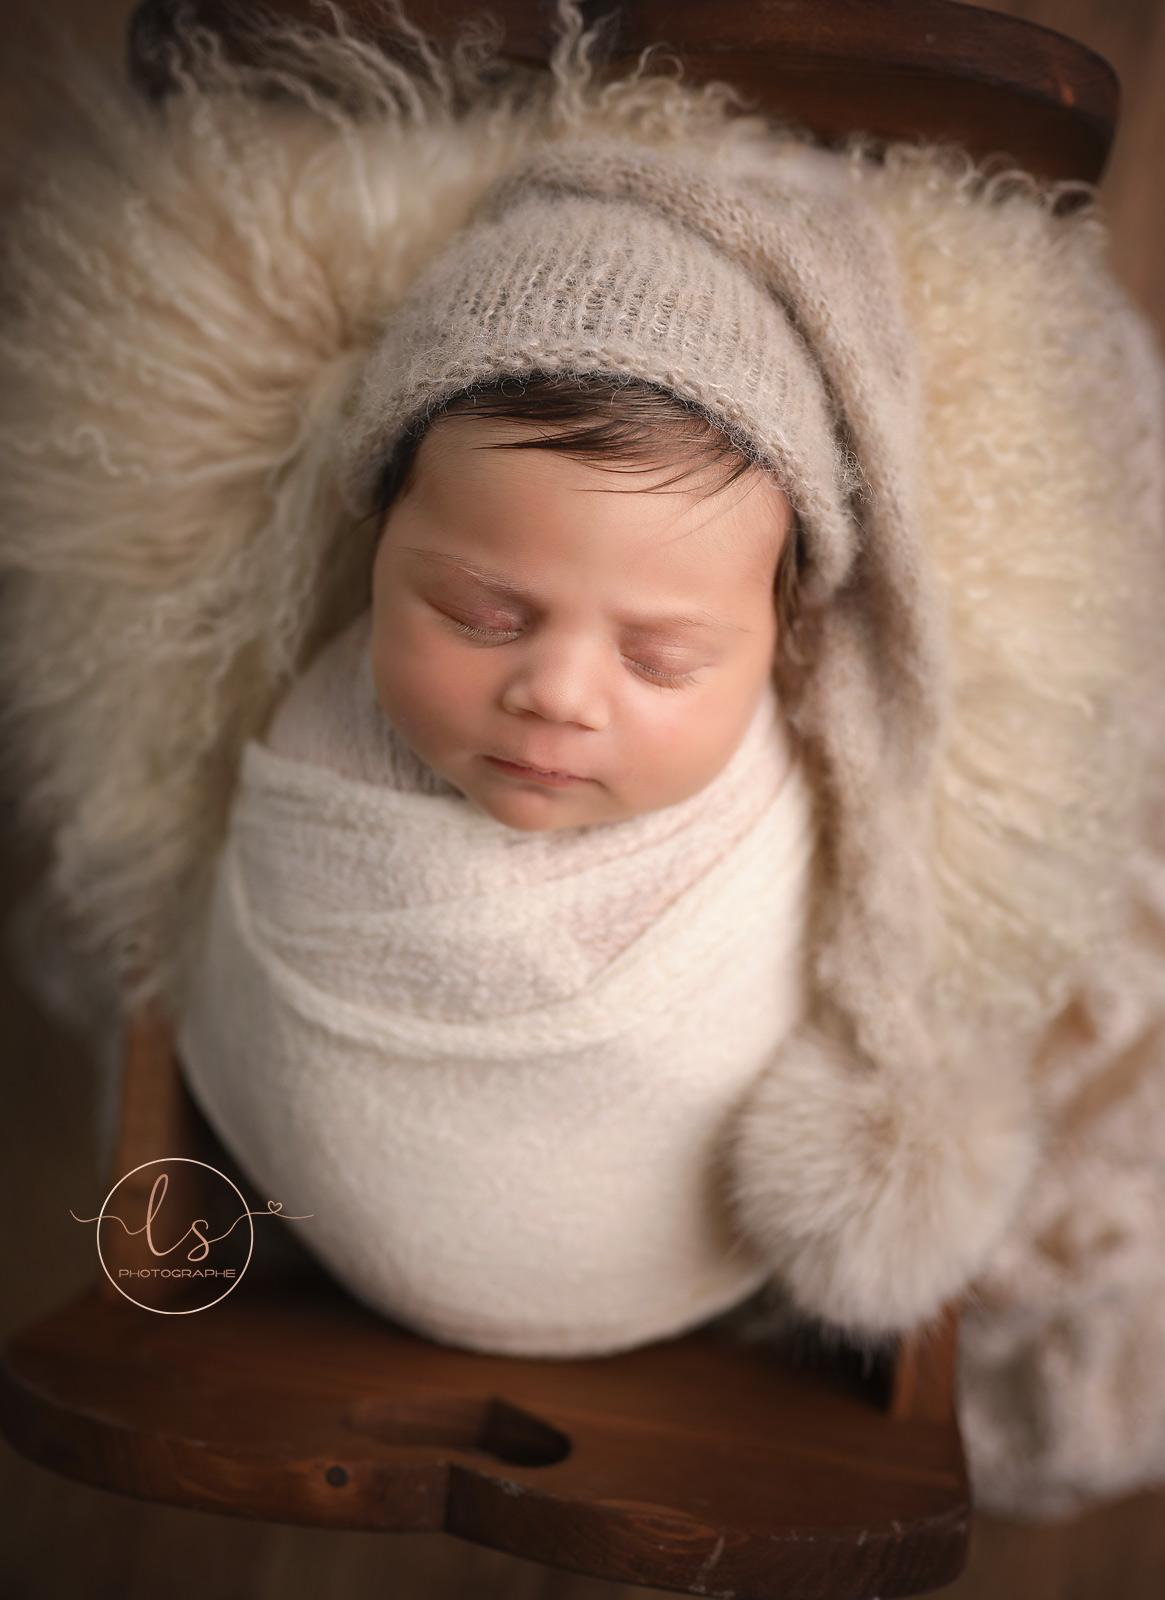 photographe nouveau-né photographe naissance belgique